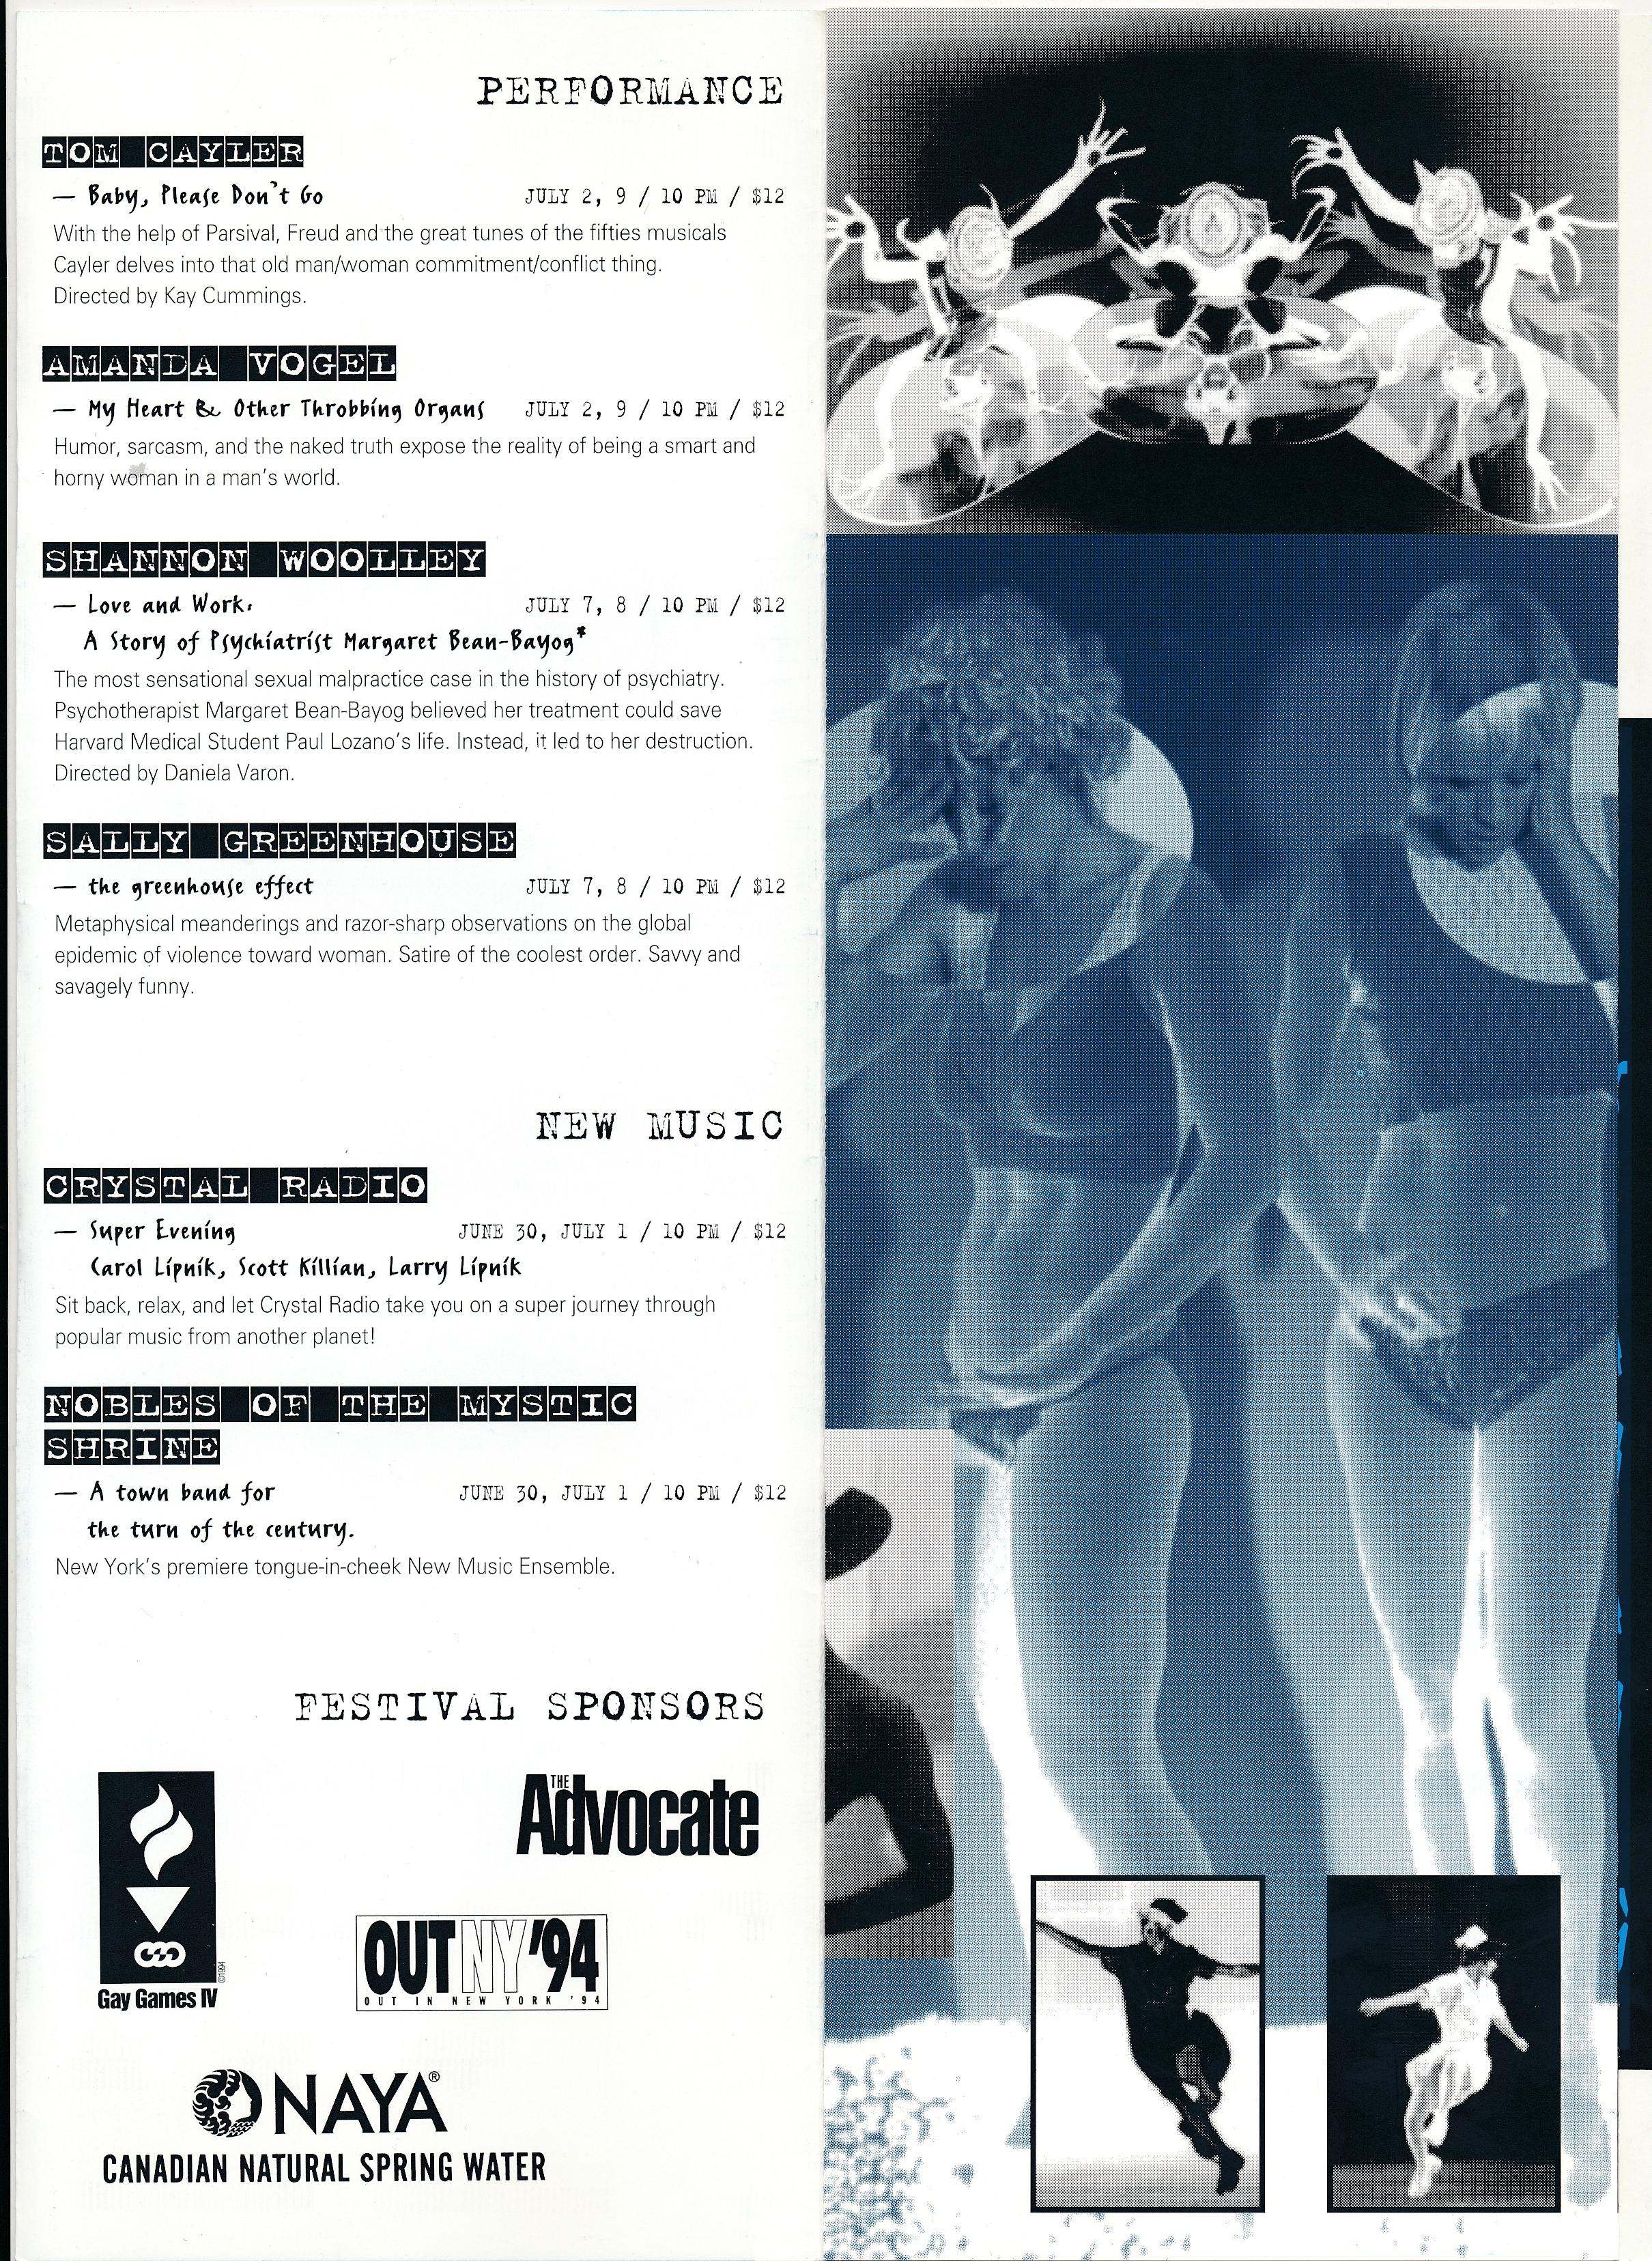 NWF10_Brochure4.jpg